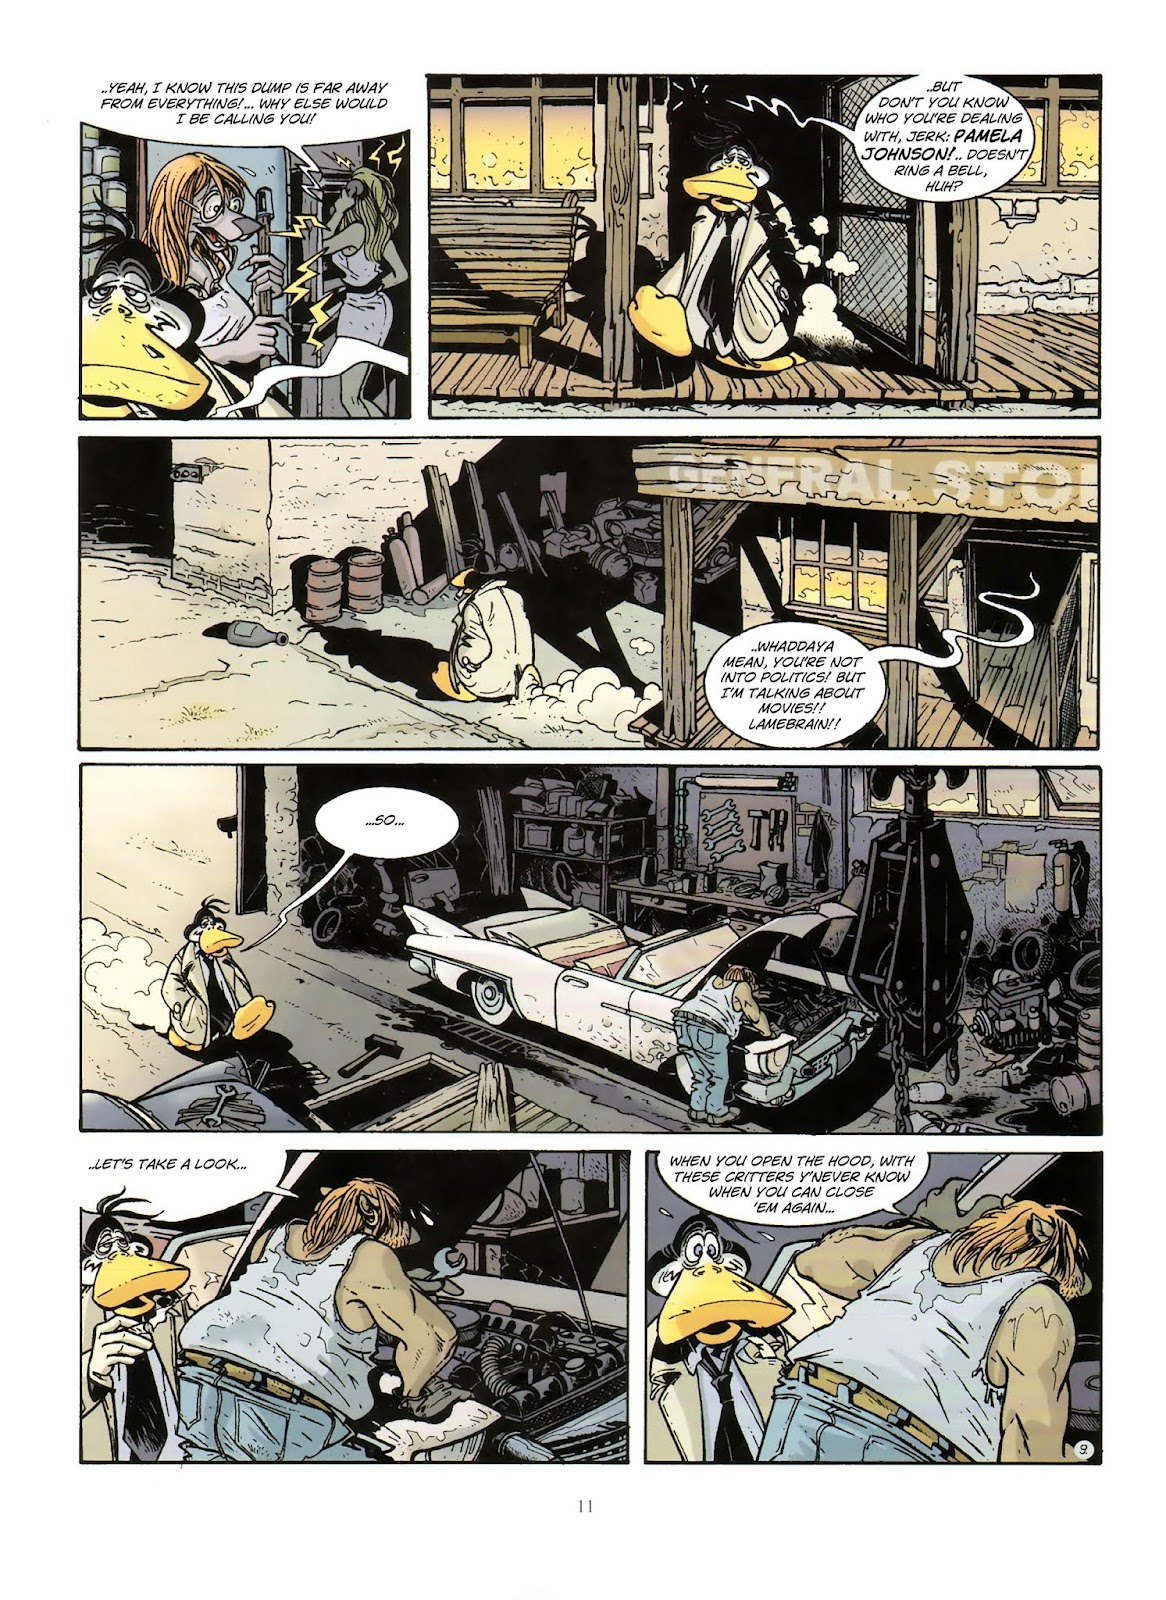 Une enquête de l'inspecteur Canardo issue 10 - Page 12